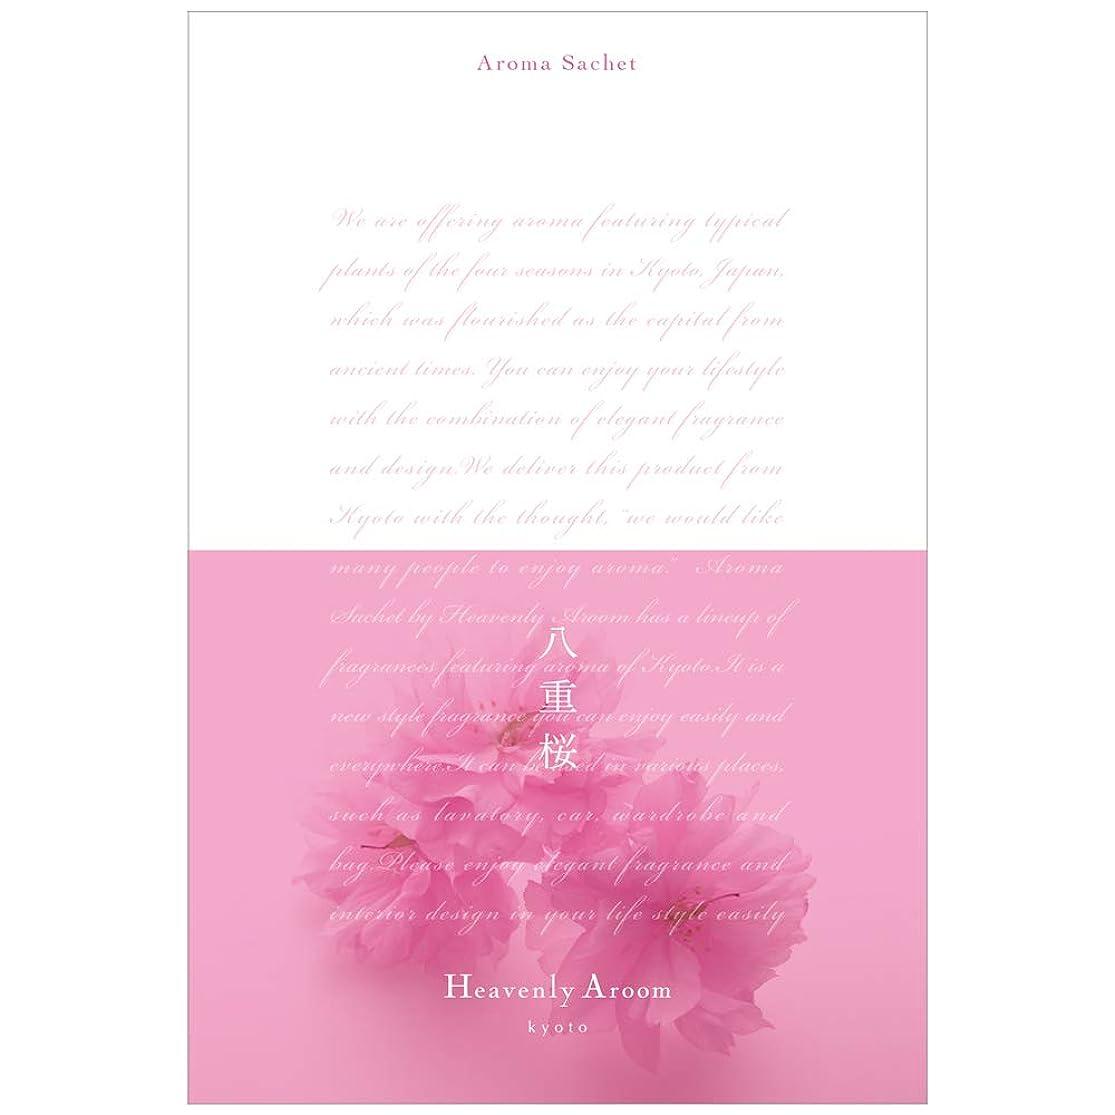 事務所ヘルパー十年Heavenly Aroom アロマサシェL 八重桜